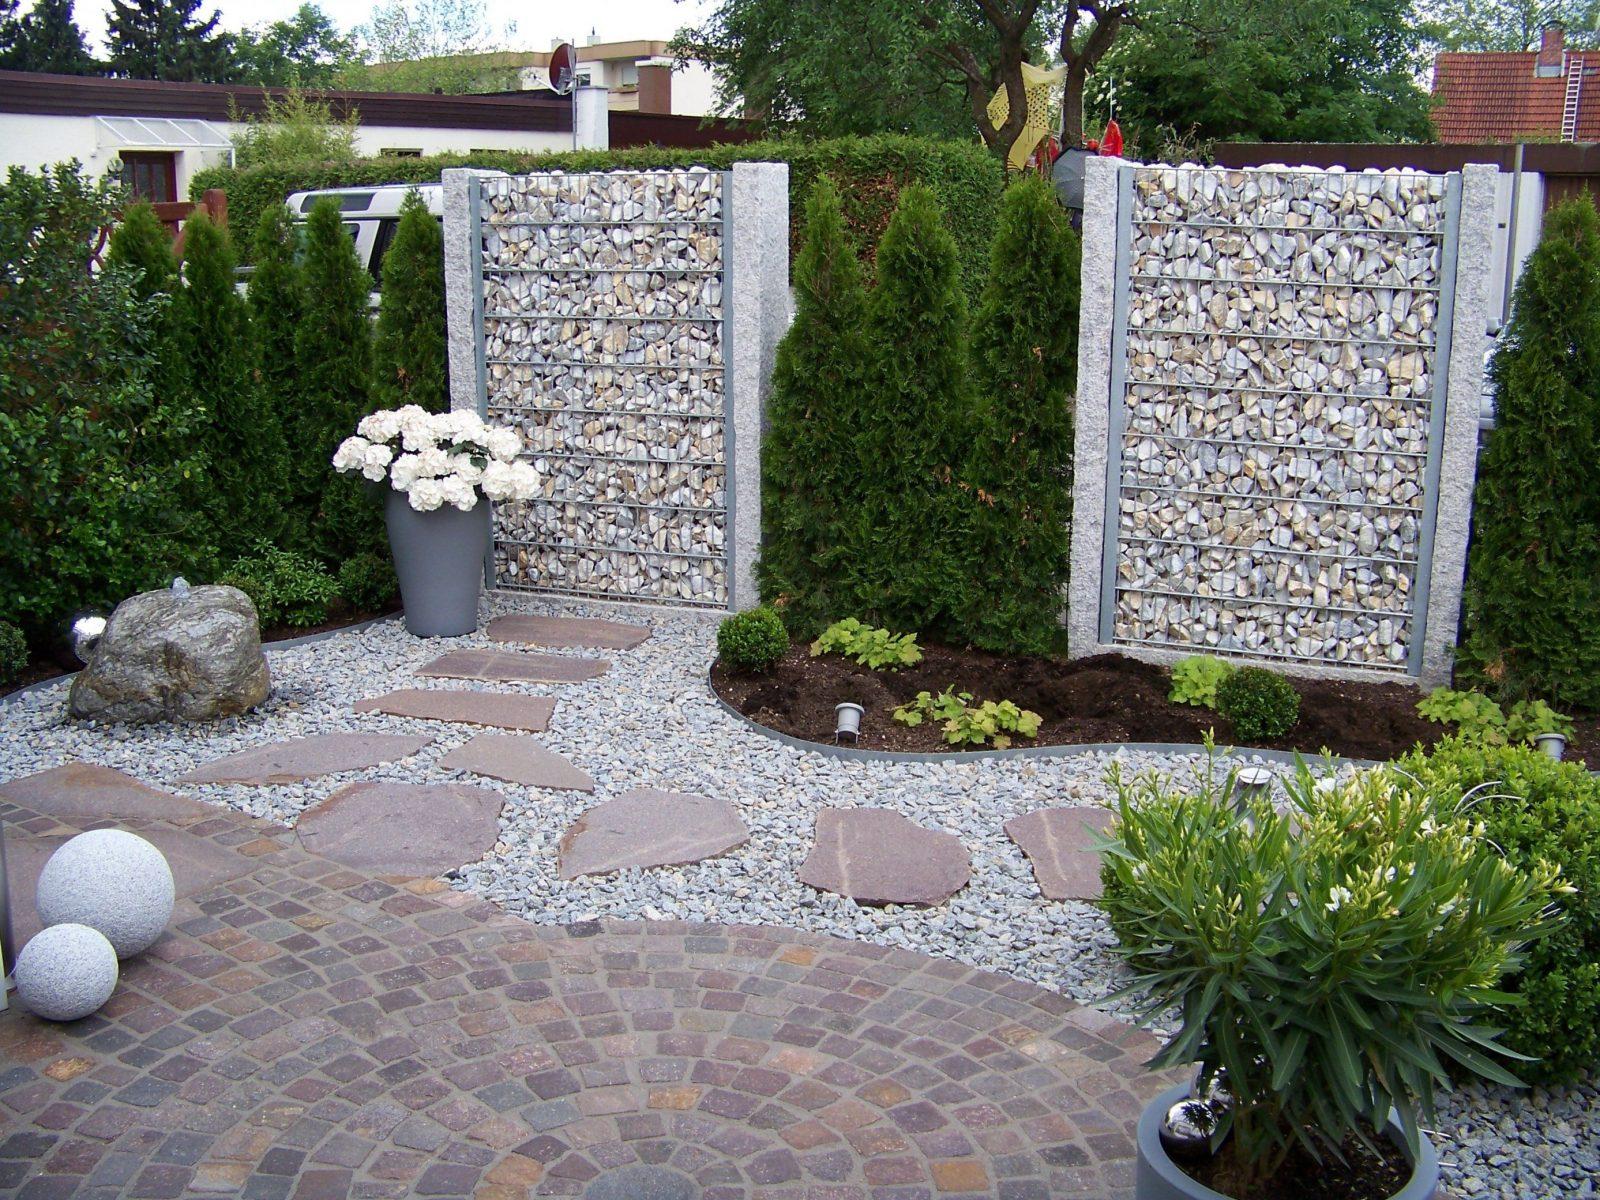 Stilvolle Gartengestaltung Am Hang Mit Steinen Gartengestaltung Mit von Gartengestaltung Mit Steinen Bilder Photo